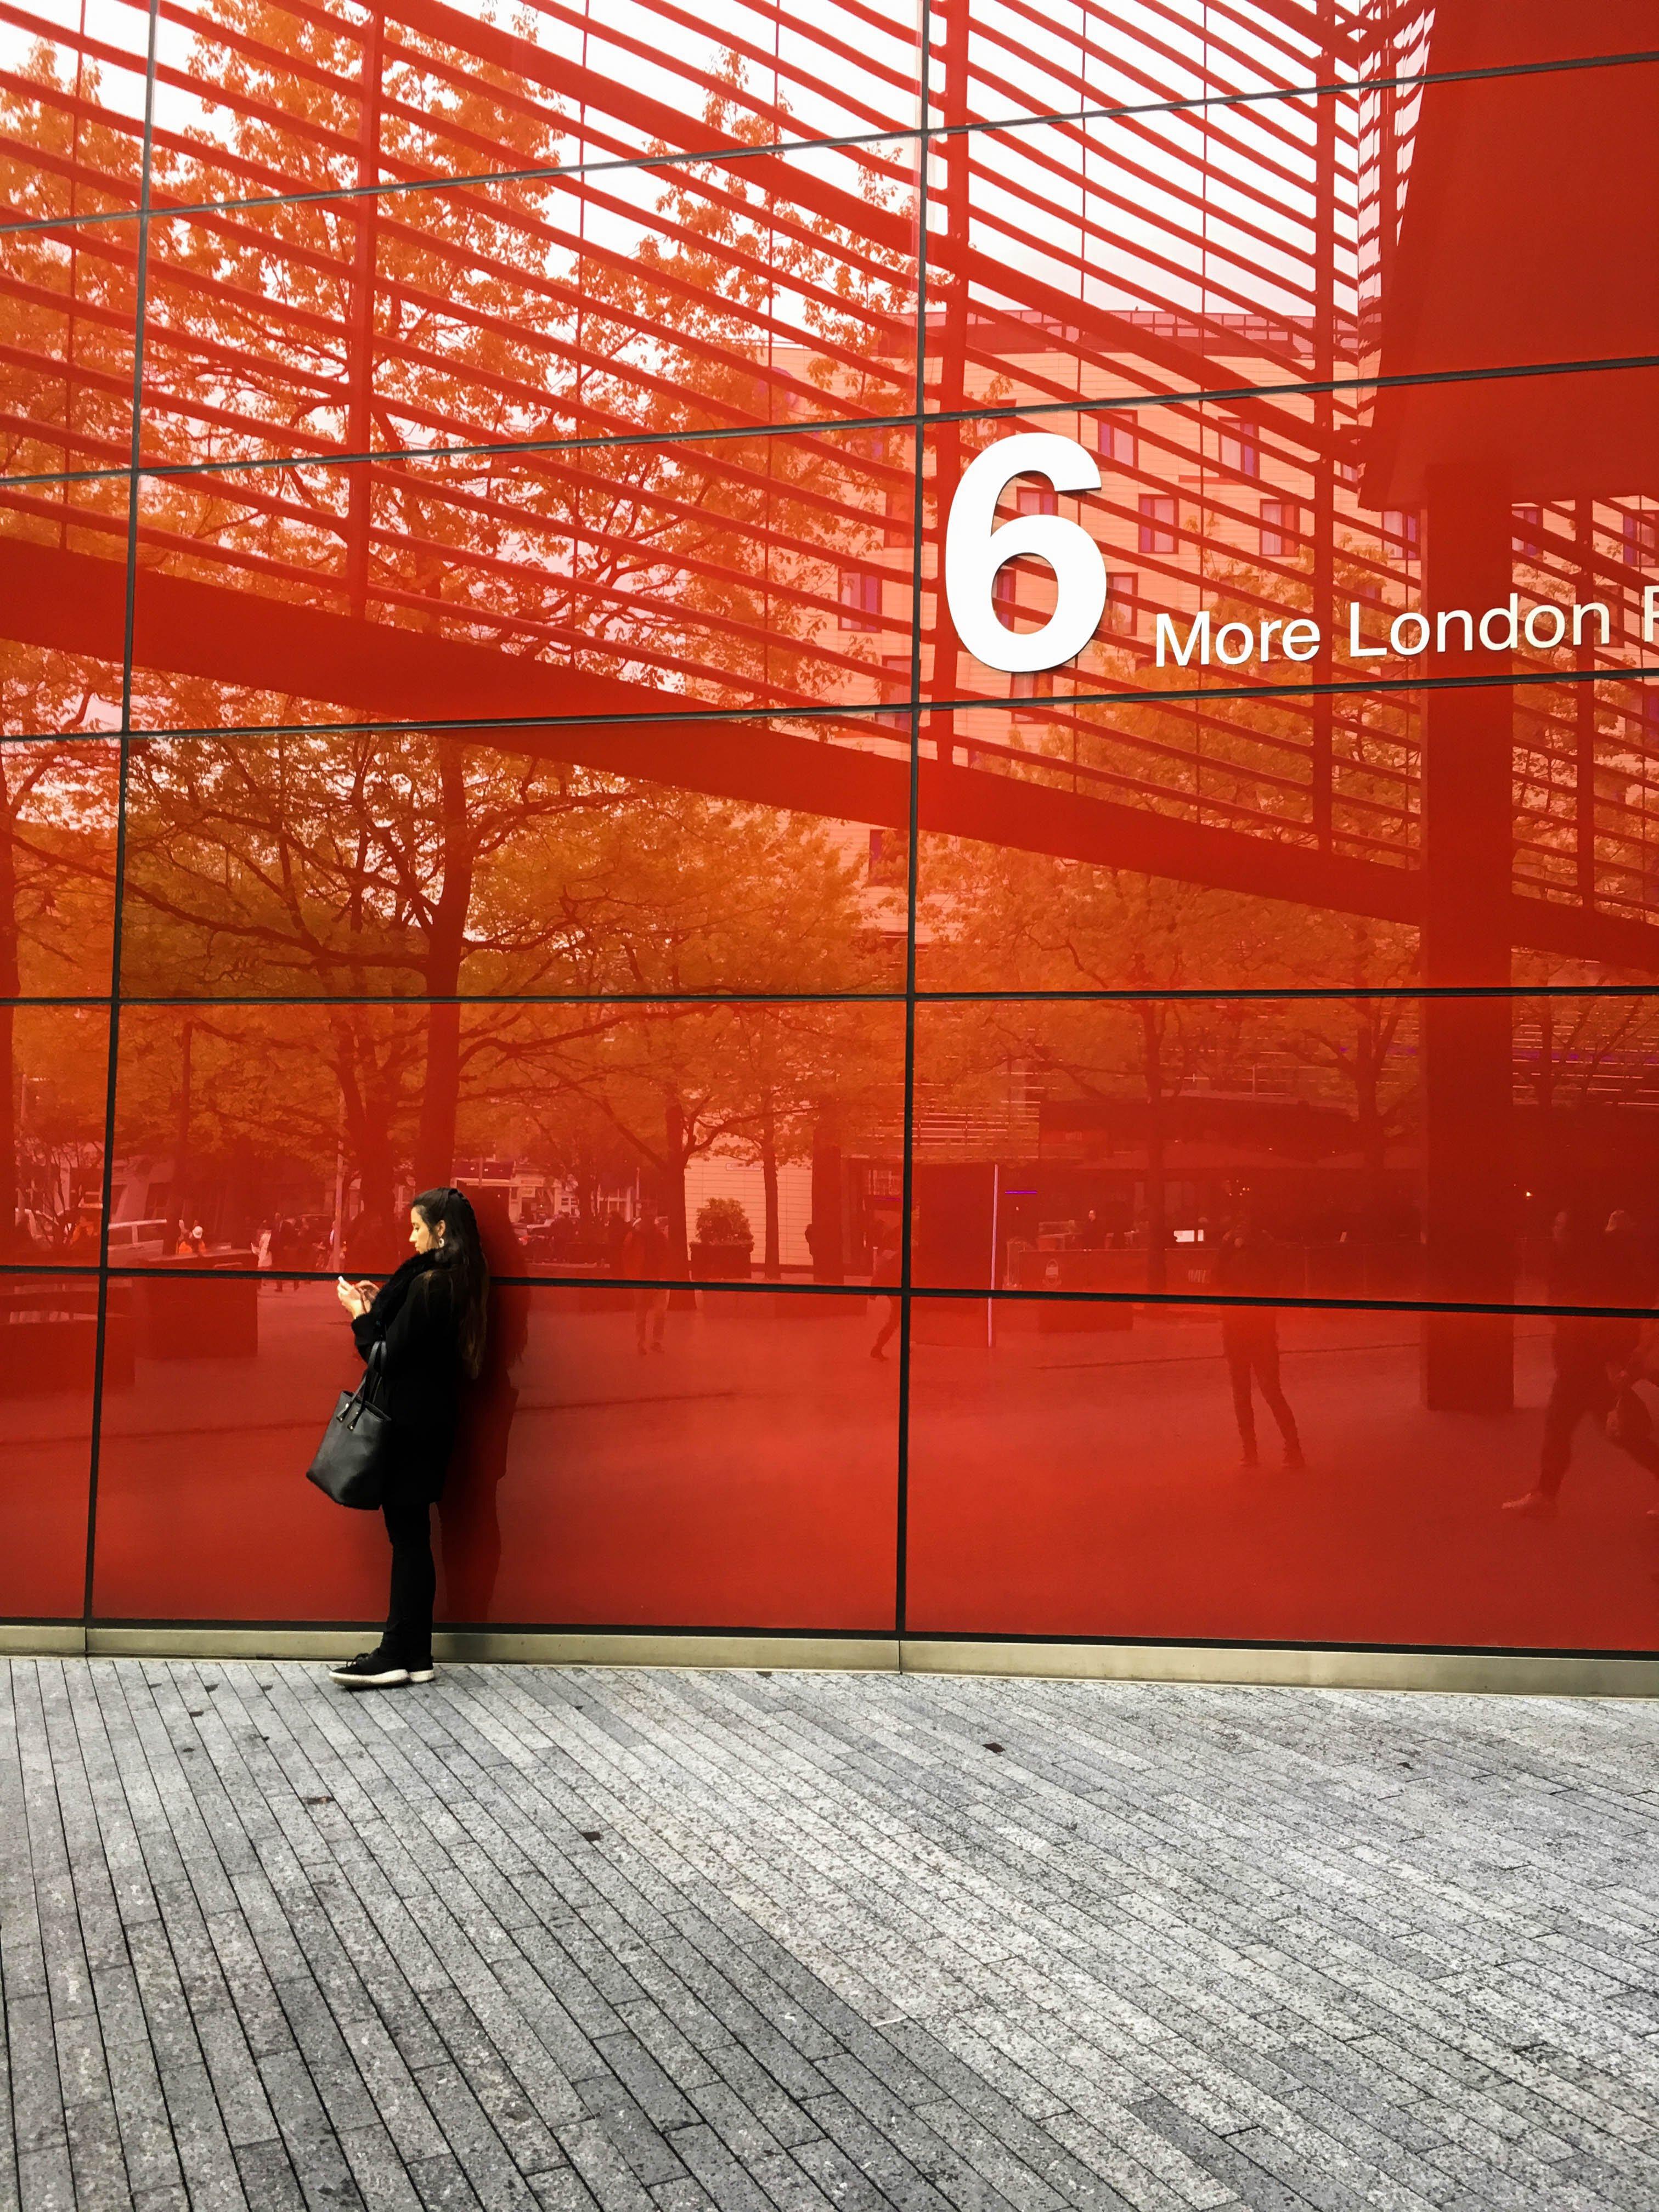 Londyn, Subiektywny przewodnik po Londynie, Gmale Goes To London, Bloger modowy w Londynie, Jak się ubrać do Londynu, Moda męska, South Bank